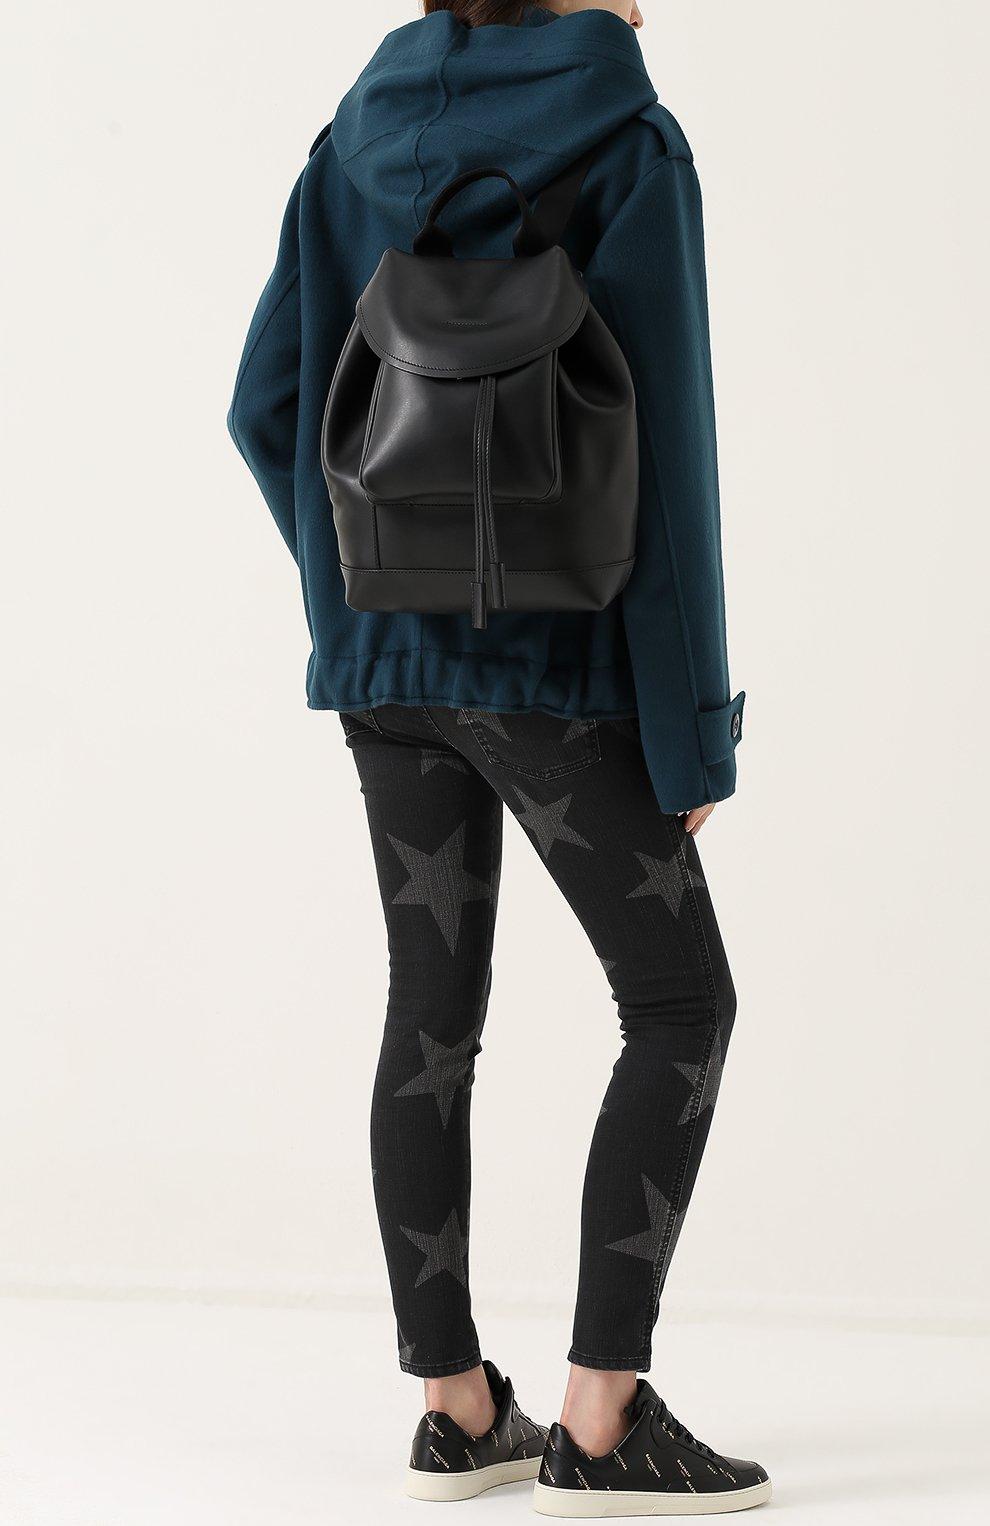 Рюкзак Kit из кожи | Фото №5